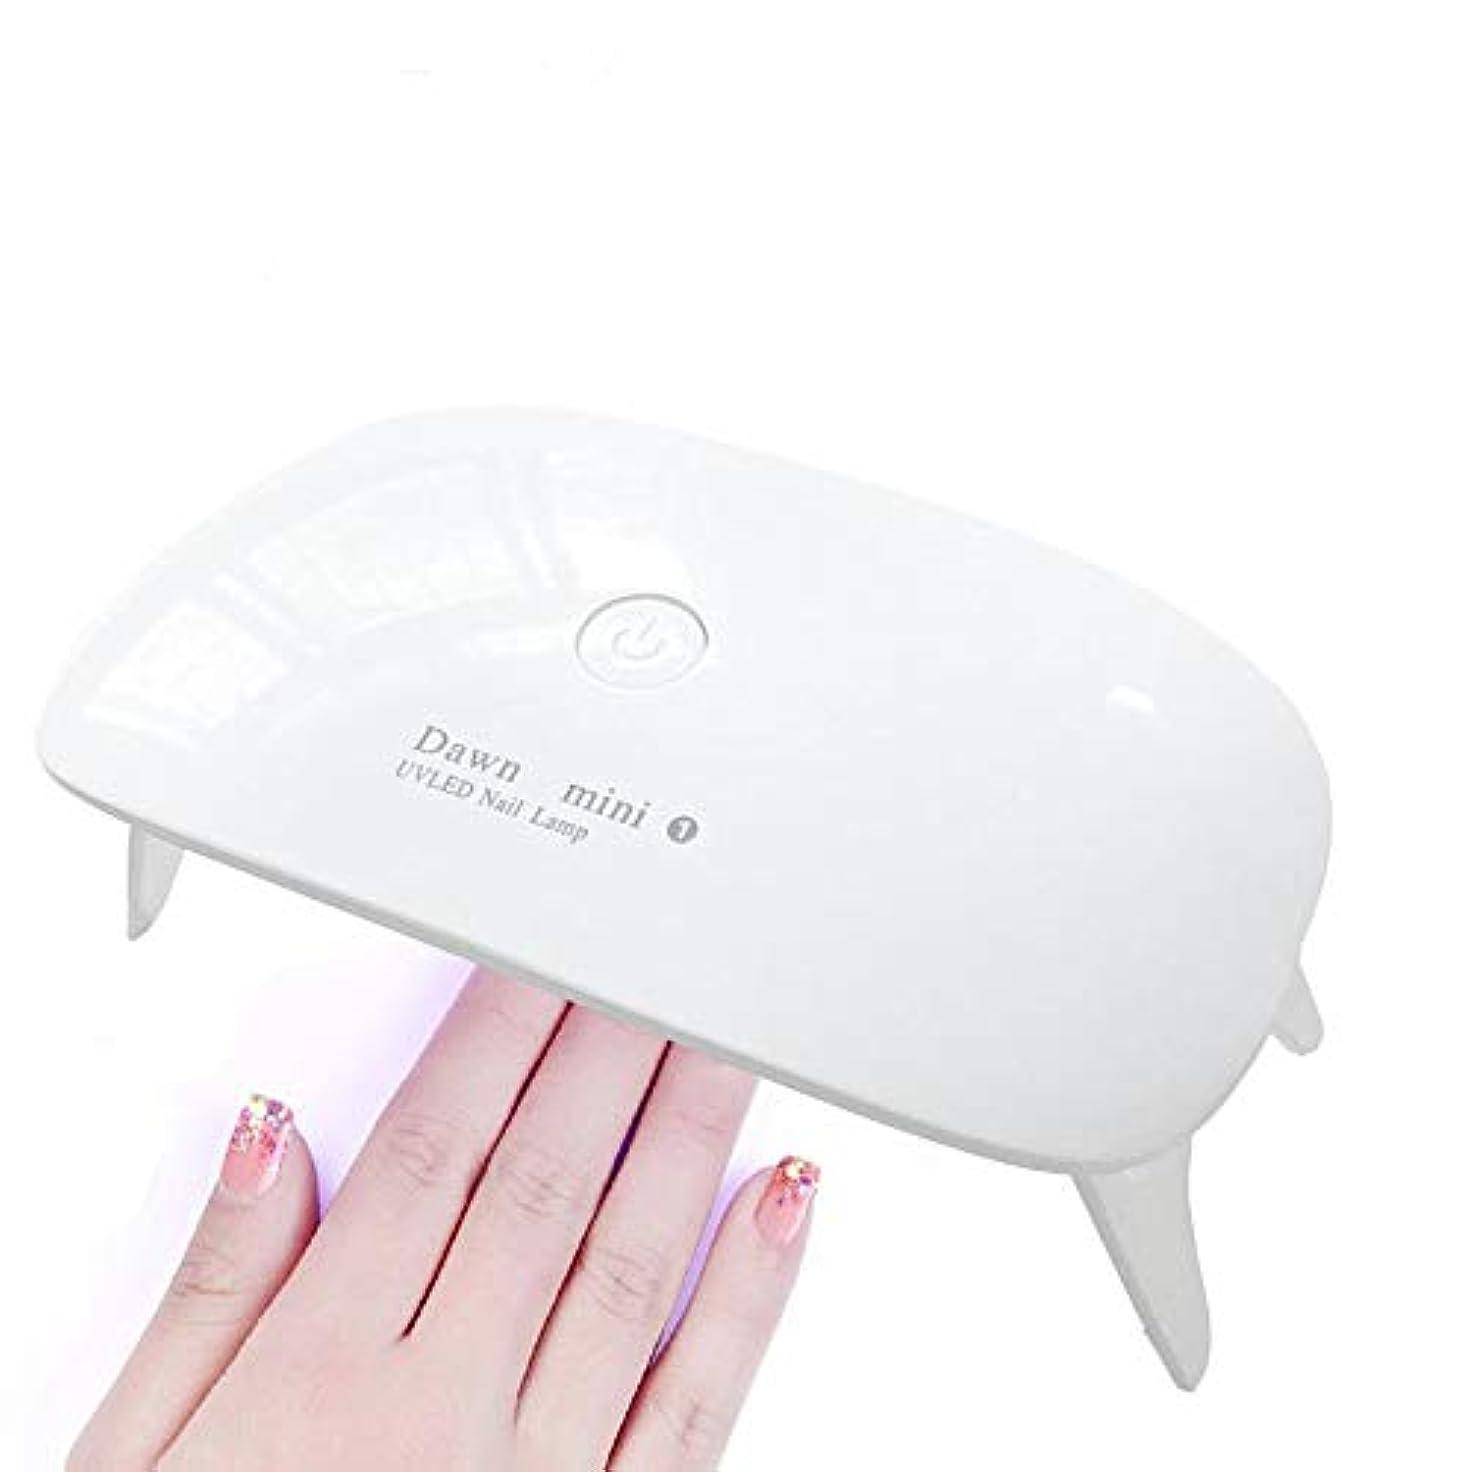 船尾神話関与するLEDネイルドライヤー UVライト レジン用 硬化ライト タイマー設定可能 折りたたみ式手足とも使える UV と LEDダブルライト ジェルネイル と レジンクラフト用